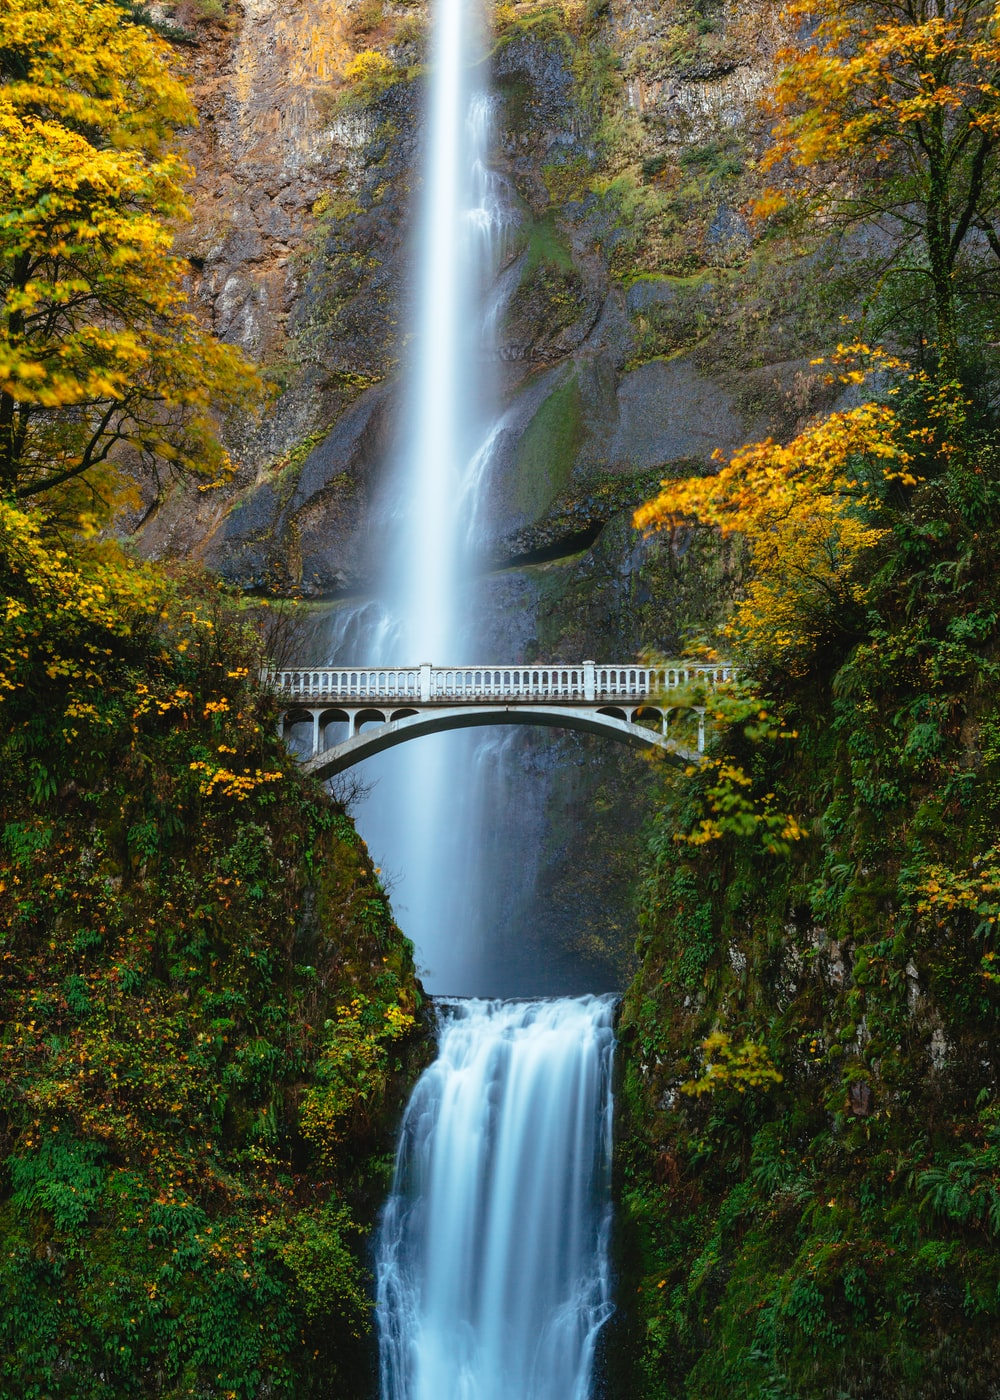 bridge in between trees